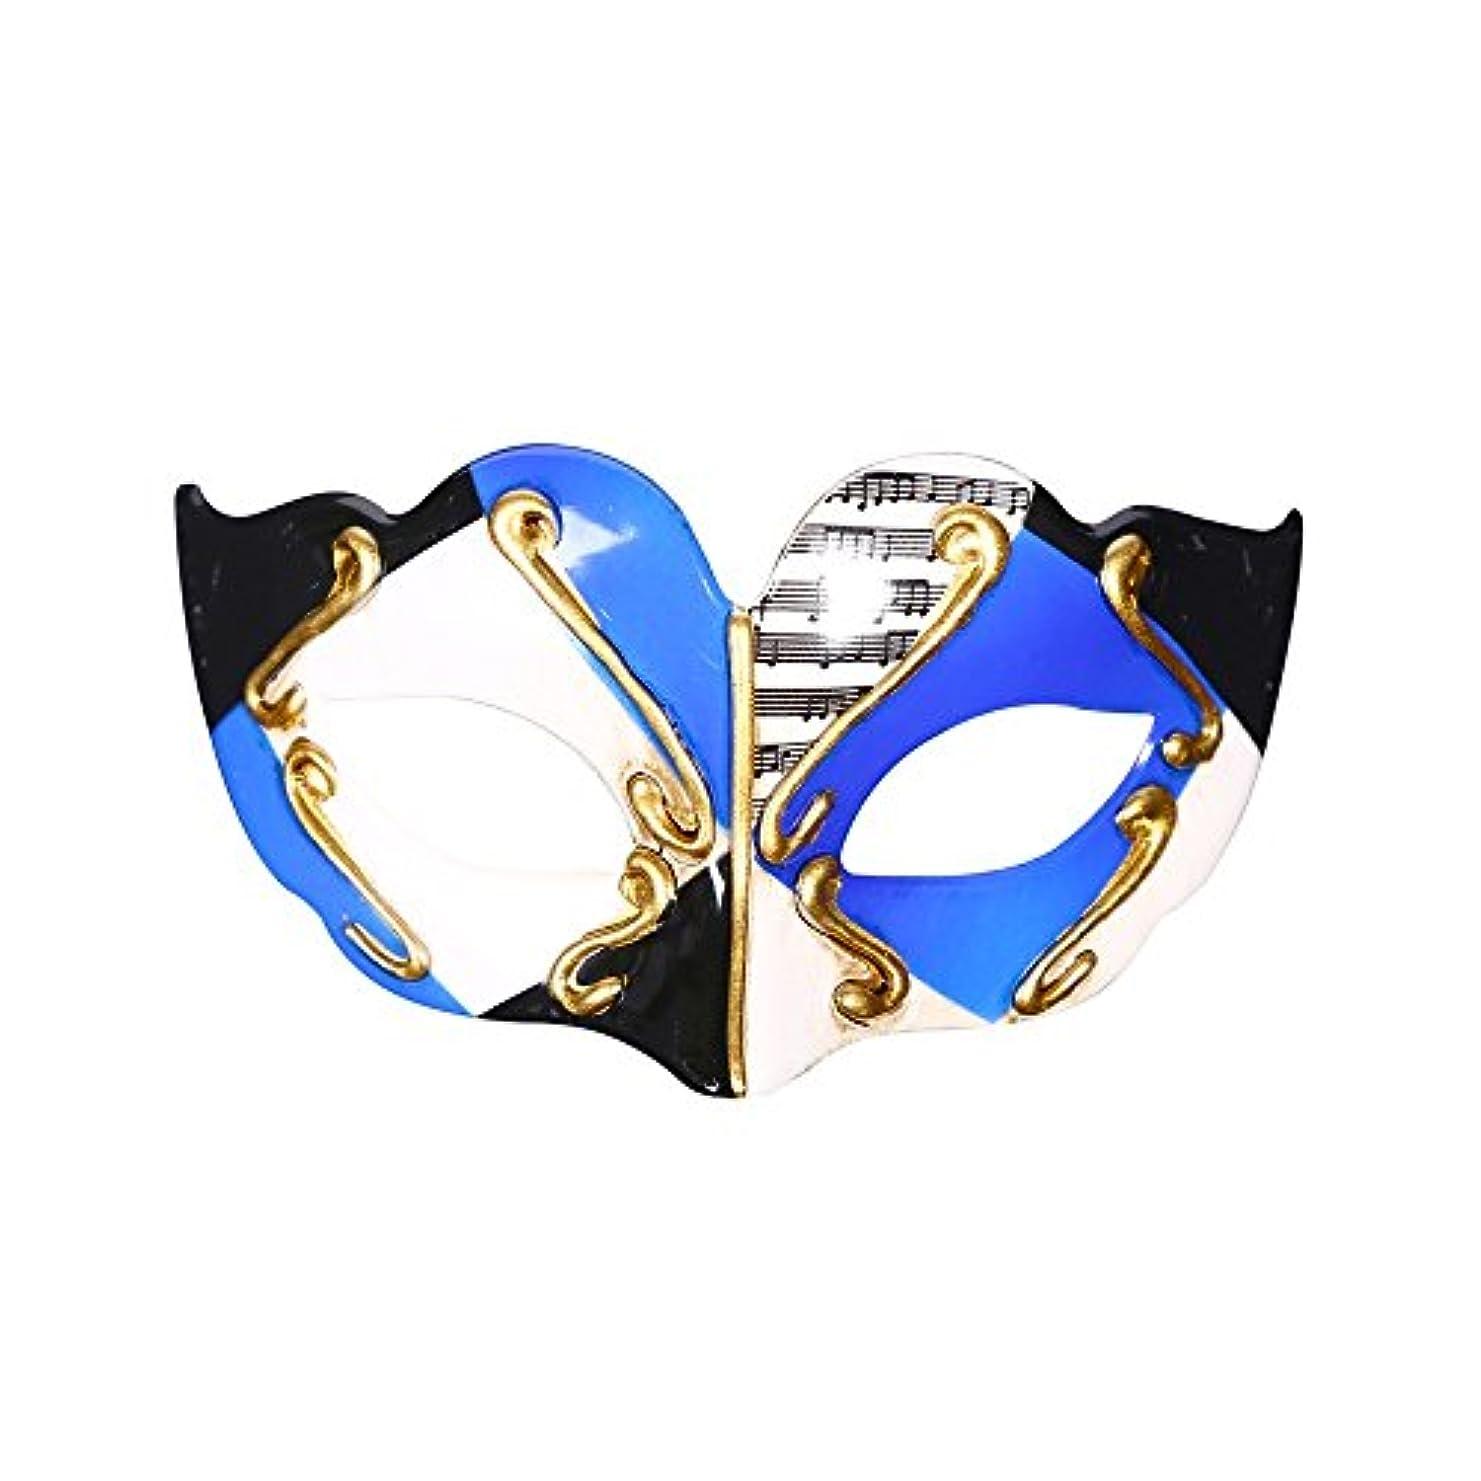 男フリンジ艶ハロウィーン仮装マスクフラットヘッドハーフフェイスハードプラスチック子供用マスク (Color : #2)